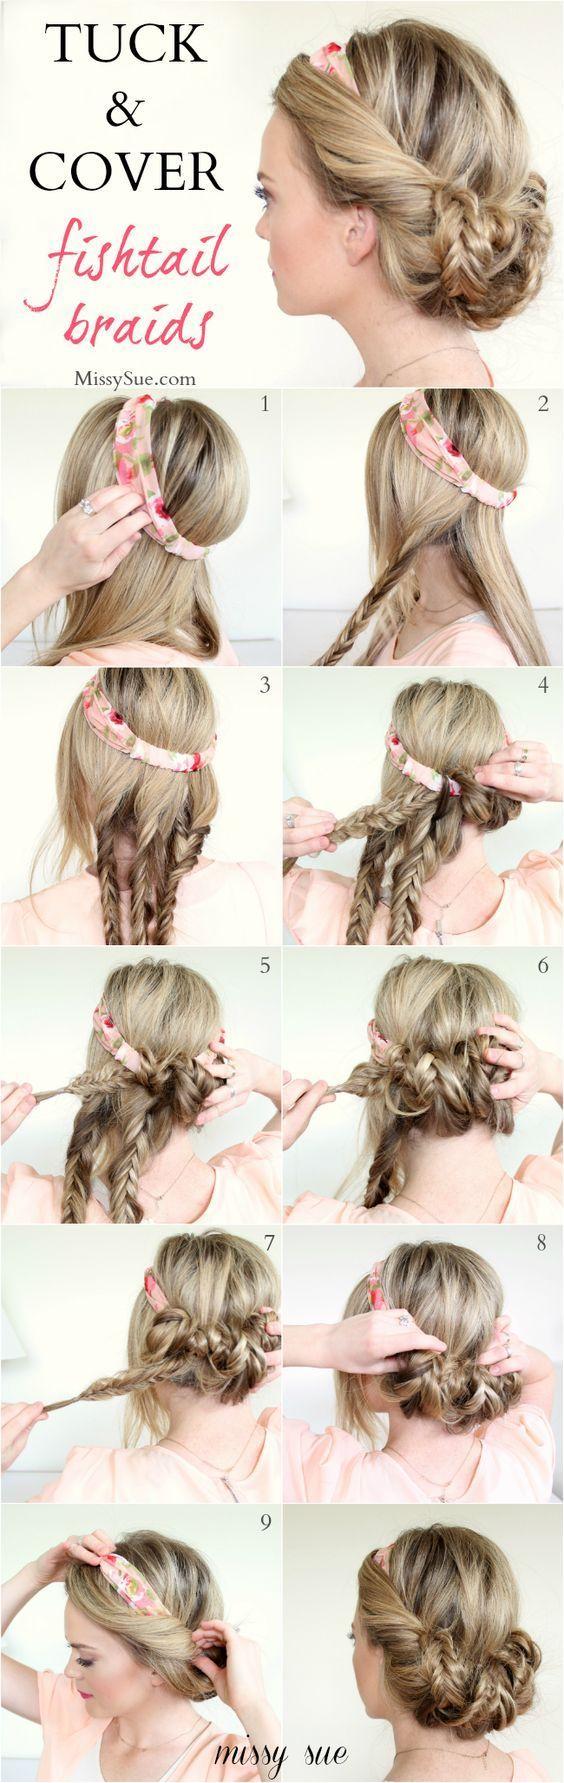 La Guia Mas Completa con Diferentes Tipos de Peinados con Trenzas que se usan este año y marcan tendencia. Aprende cada peinado Fácil y Rápido!